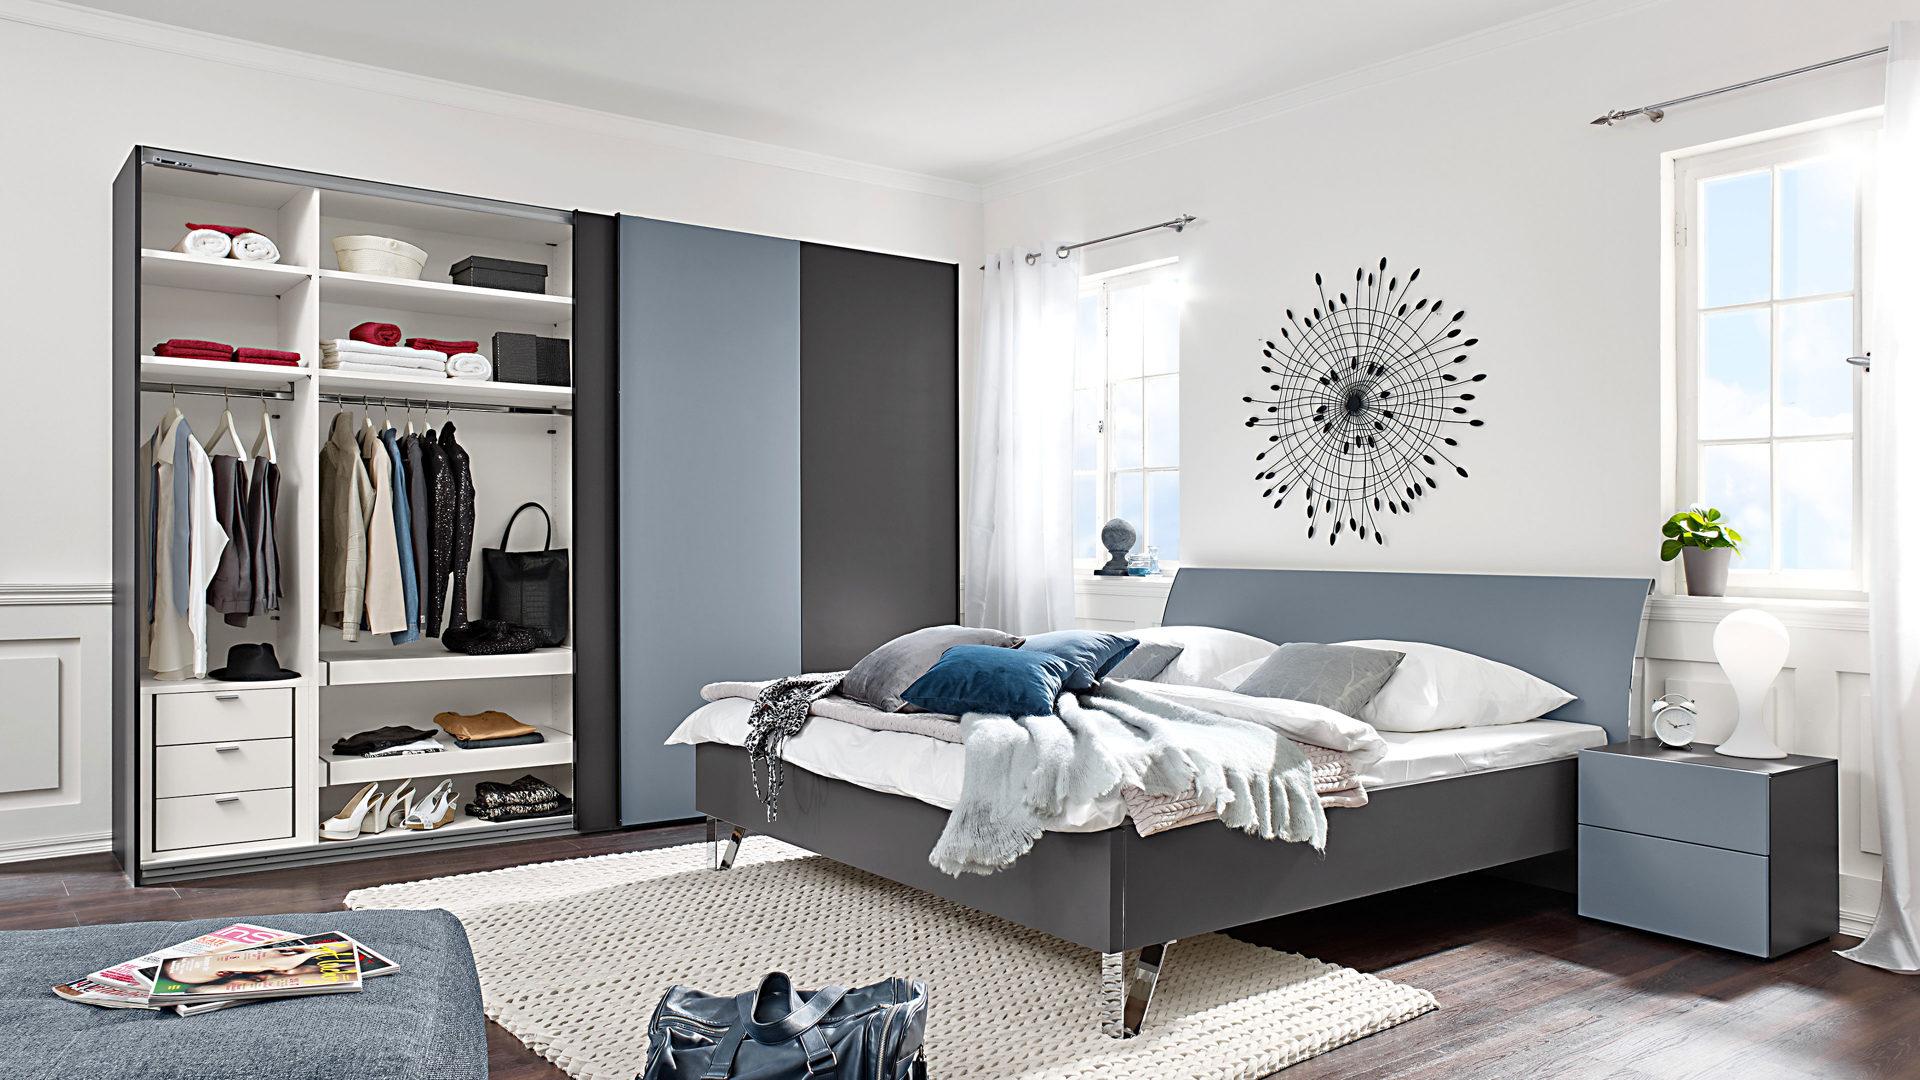 Wohnzimmer Einrichten Grau Blau: Kinderzimmer einrichten ideen ...